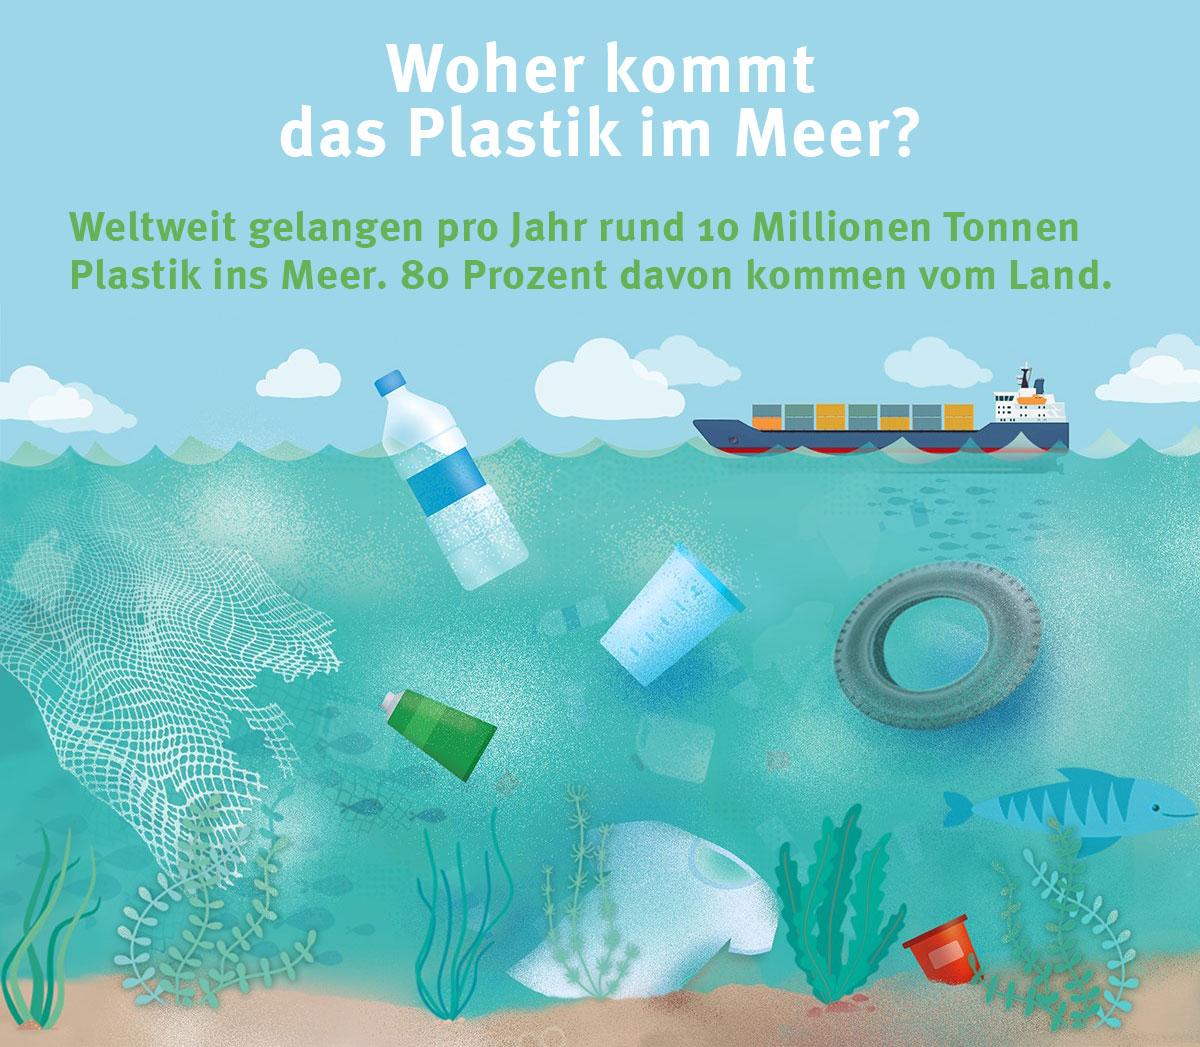 Die Grafik zeigt verschiedene Plastikteile, die im Meer unter Wasser schwimmen.